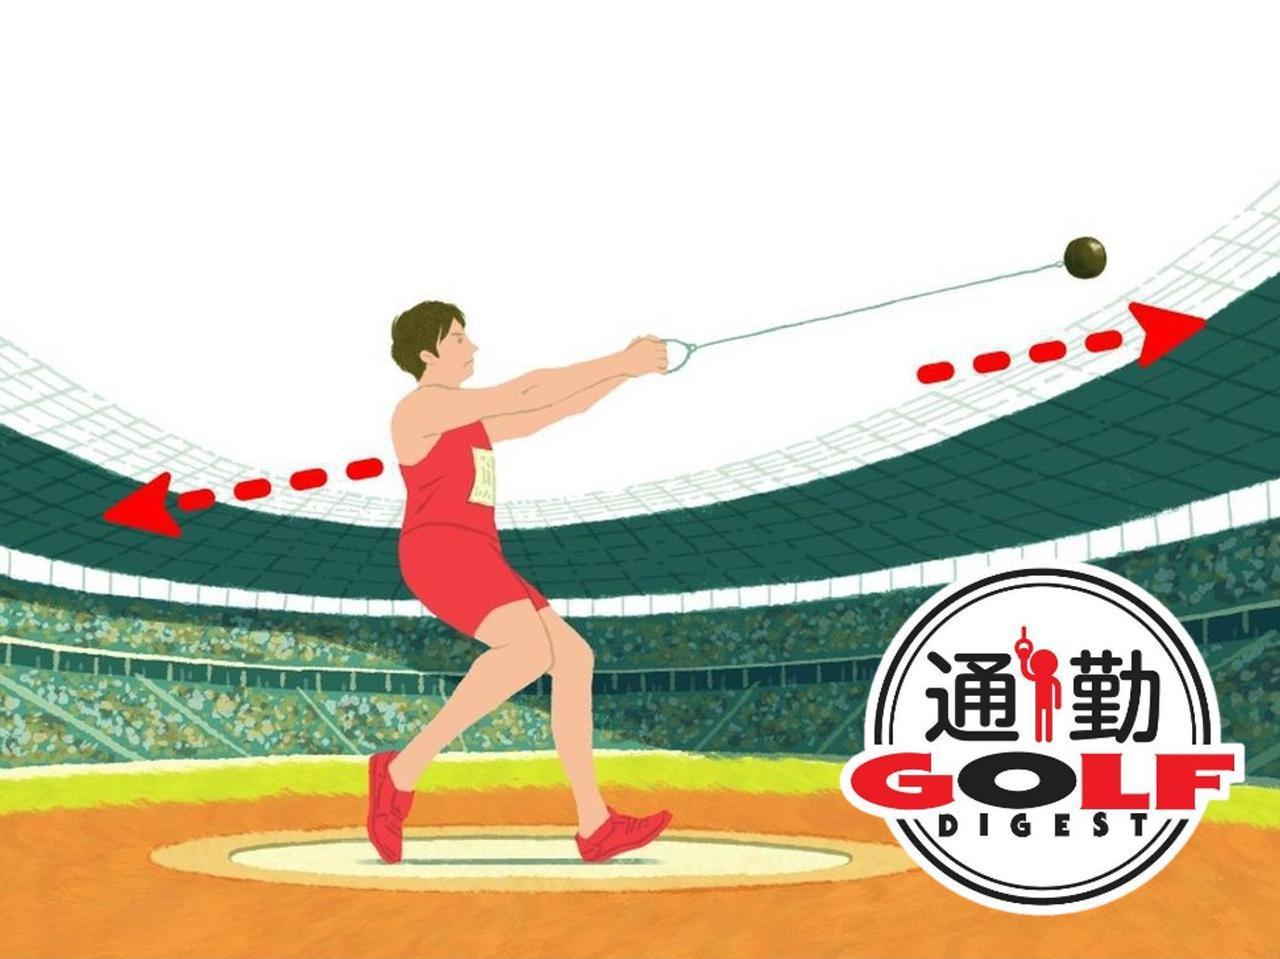 画像: 【通勤GD】Dr.クォンの反力打法 Vol.41 意識しなくても、頭は勝手にビハインド・ザ・ボール ゴルフダイジェストWEB - ゴルフへ行こうWEB by ゴルフダイジェスト